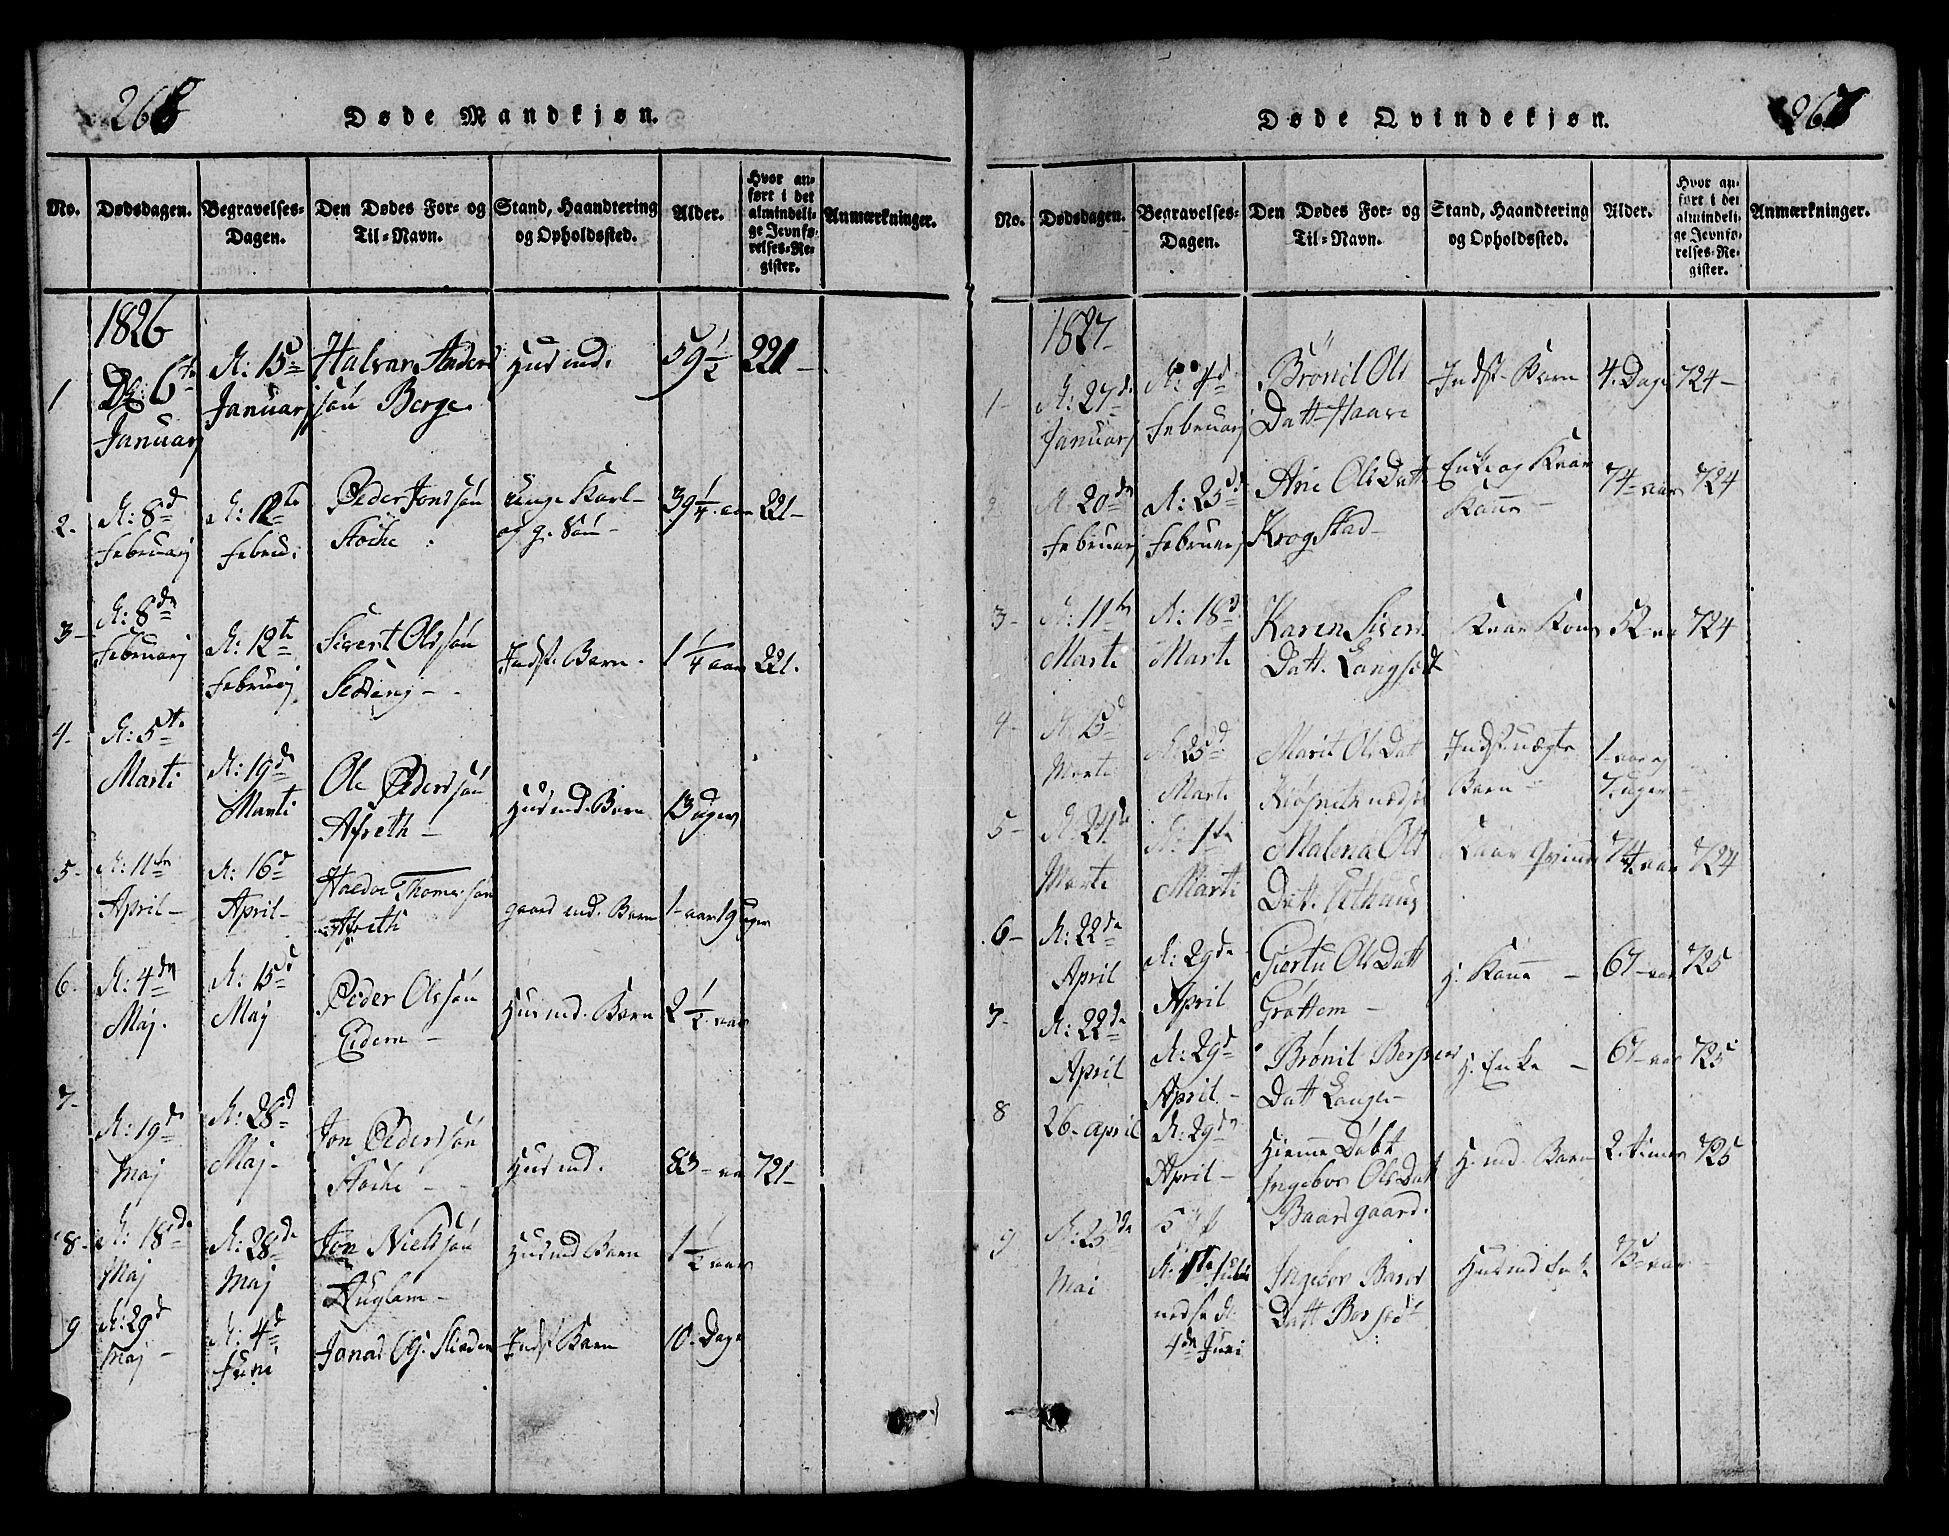 SAT, Ministerialprotokoller, klokkerbøker og fødselsregistre - Sør-Trøndelag, 695/L1152: Klokkerbok nr. 695C03, 1816-1831, s. 266-267